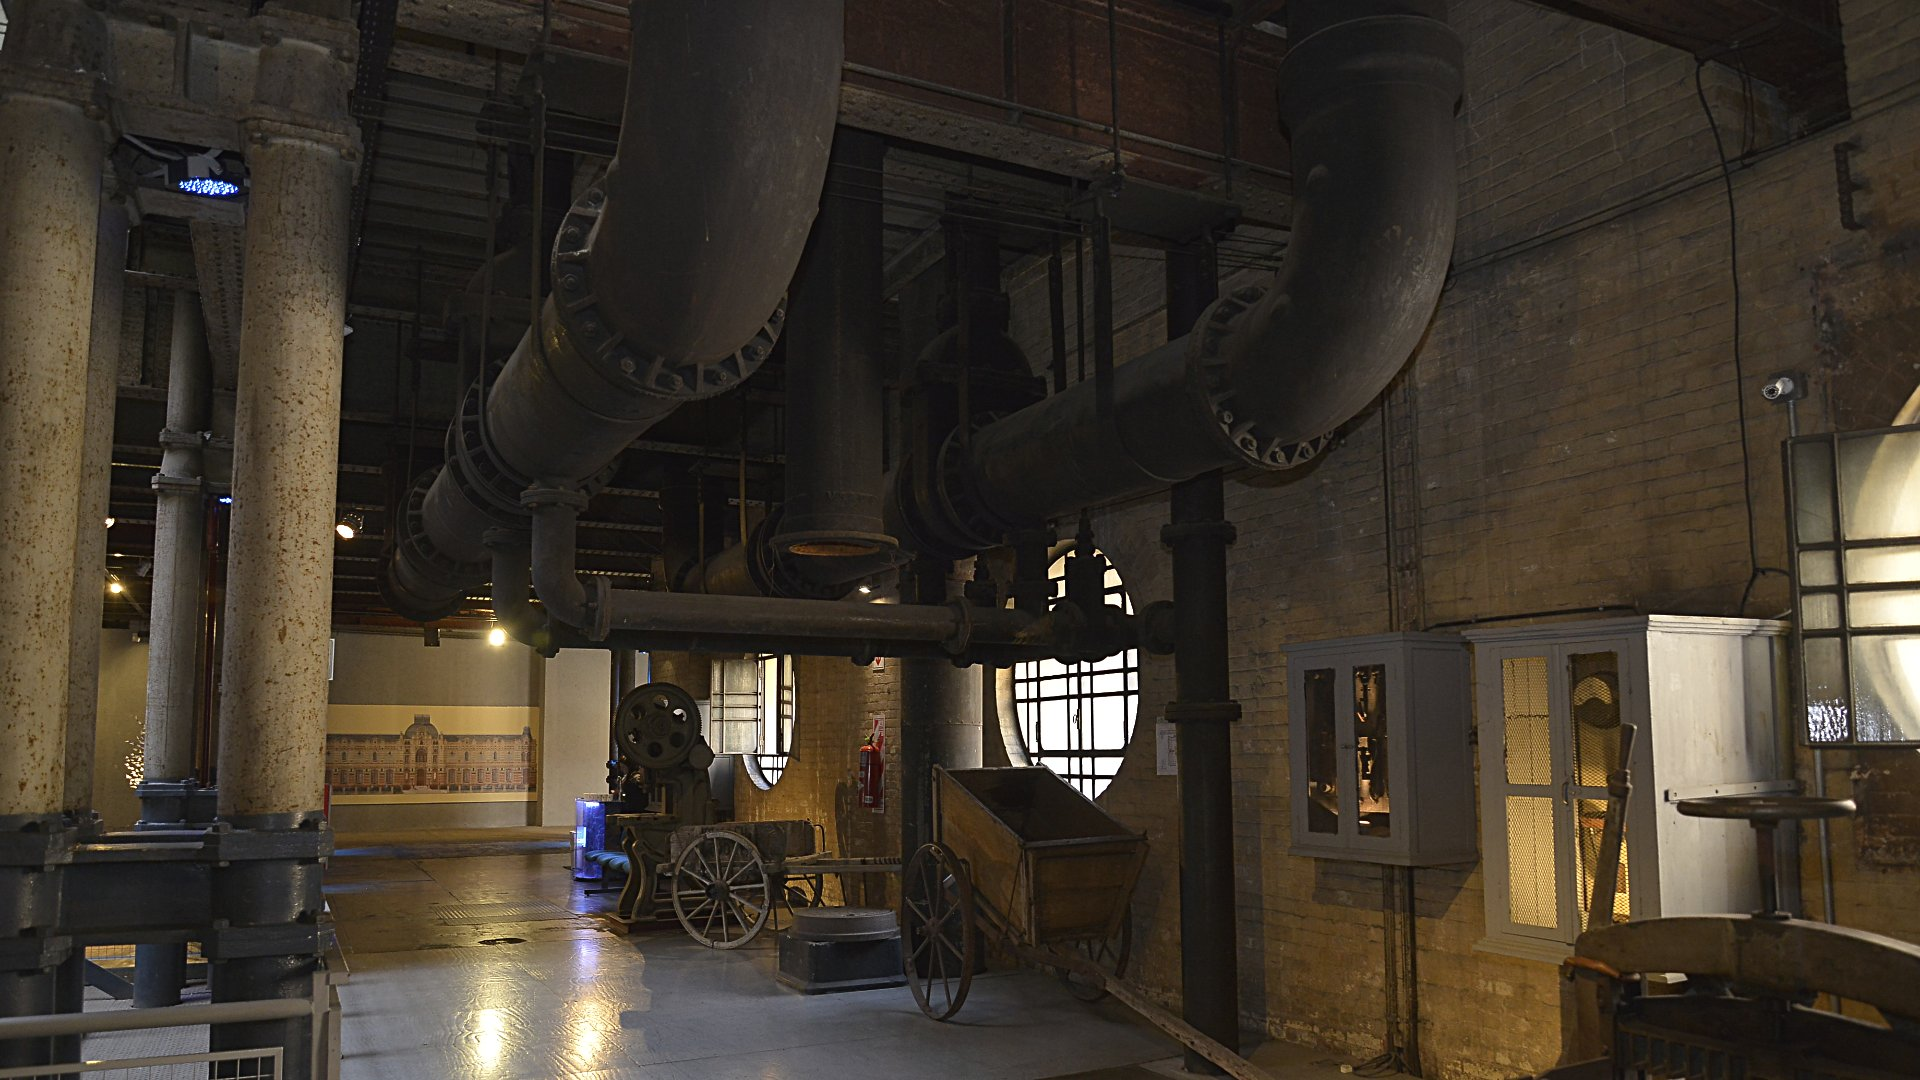 En sus tres niveles, contiene 12 tanques de agua con capacidad total de 72 millones de litros de agua, con un peso calculado de 135000 toneladas. Estos son sostenidos por una estructura portante de vigas, columnas y cabriadas metálicas. Las paredes son de hasta 1,80 metro de espesor, y sostienen a las 180 columnas, distanciadas seis metros entre sí.